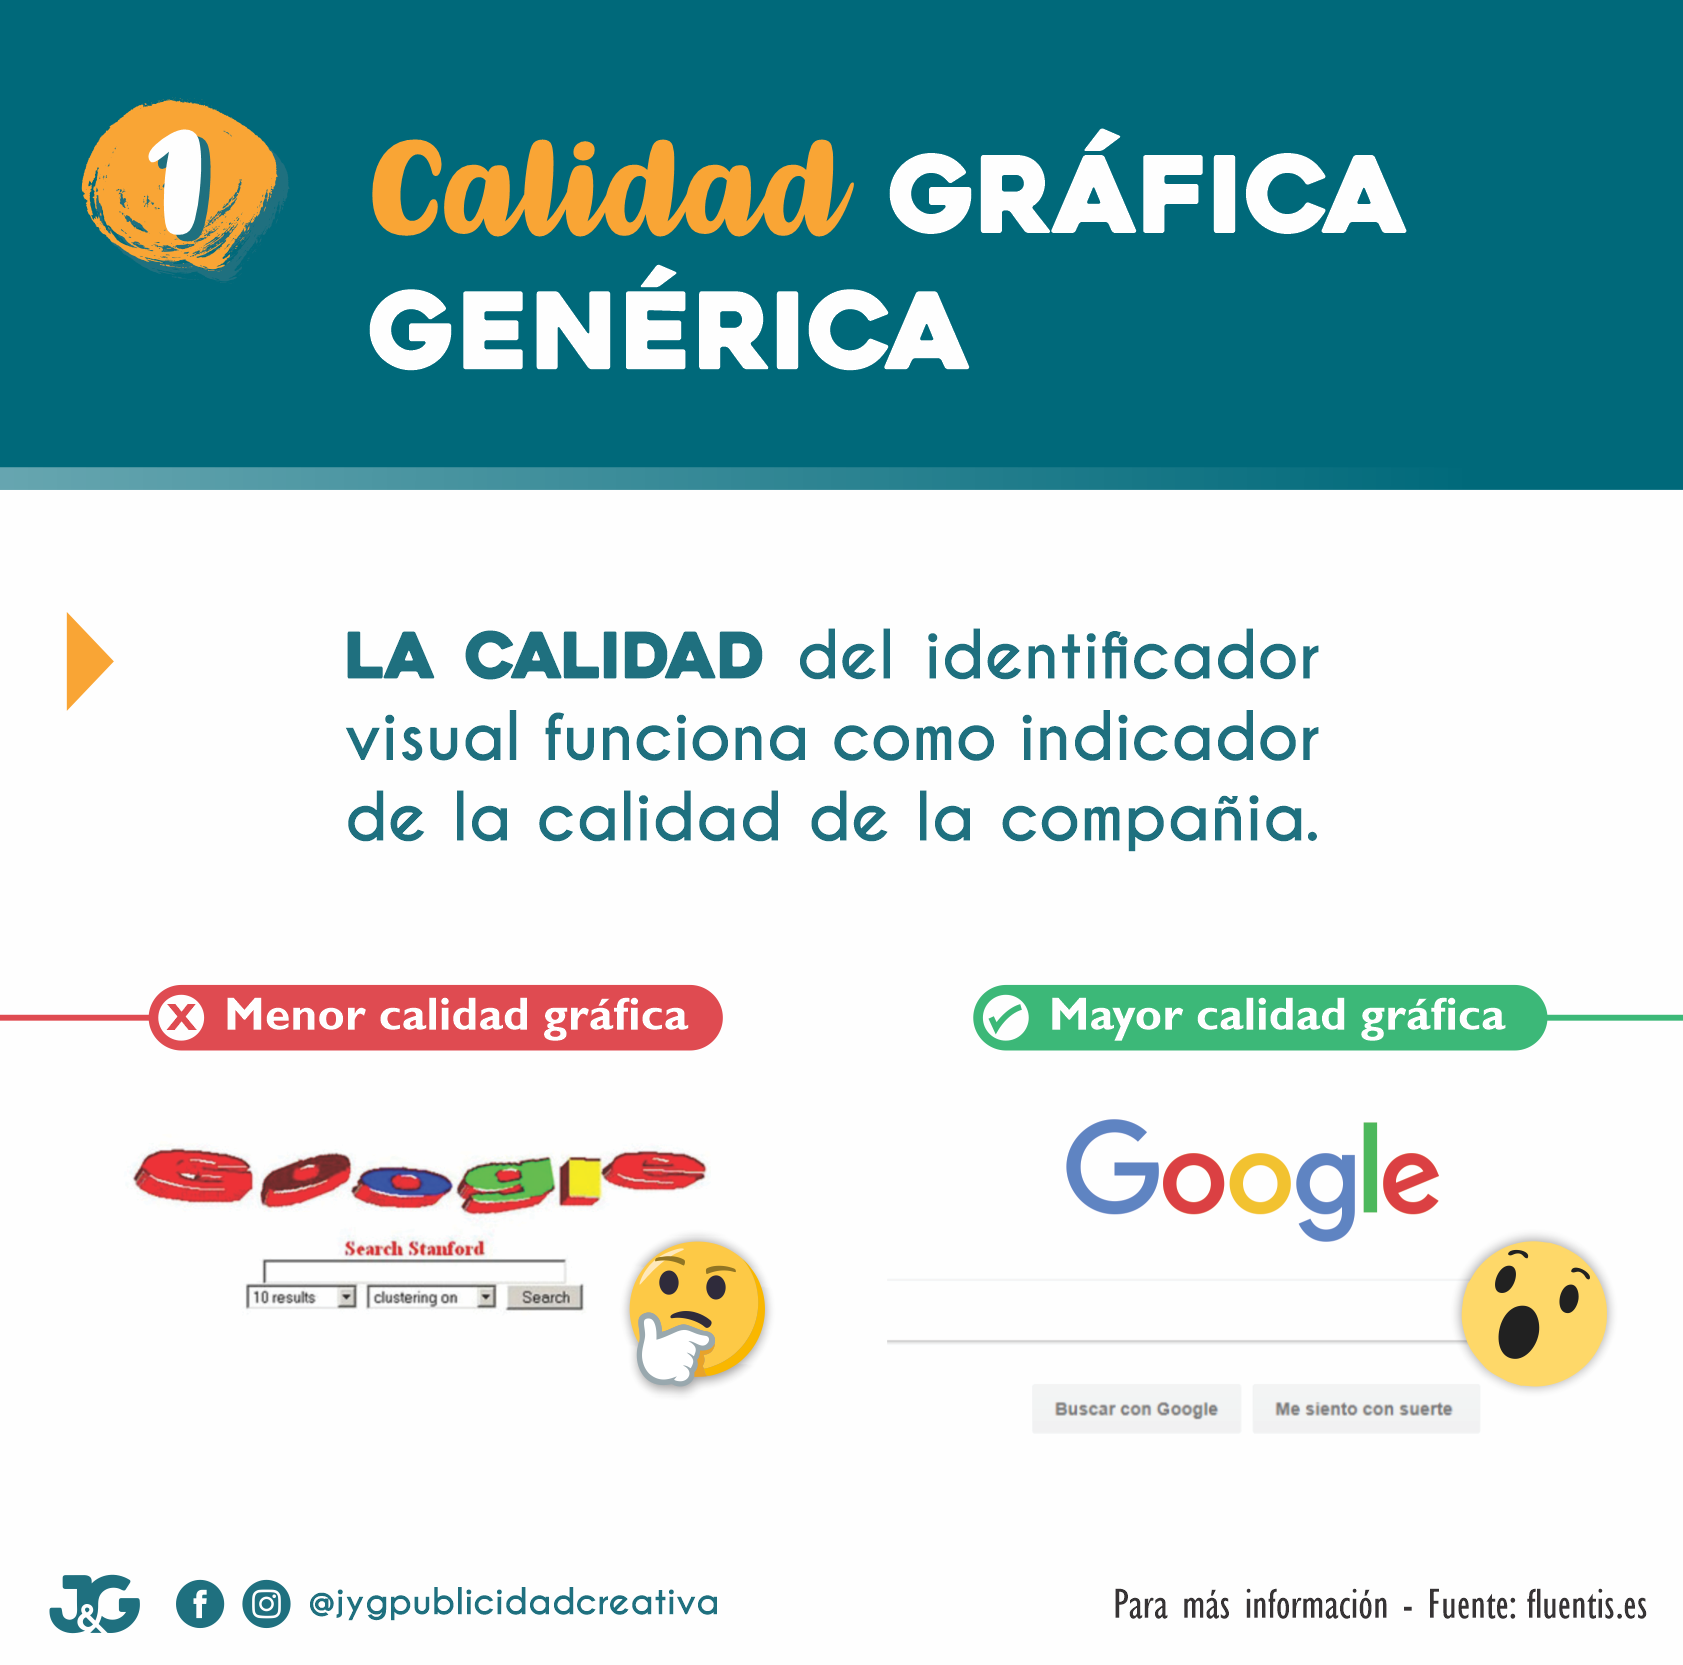 1 - Calidad gráfica genérica - JyG Publicidad Creativa